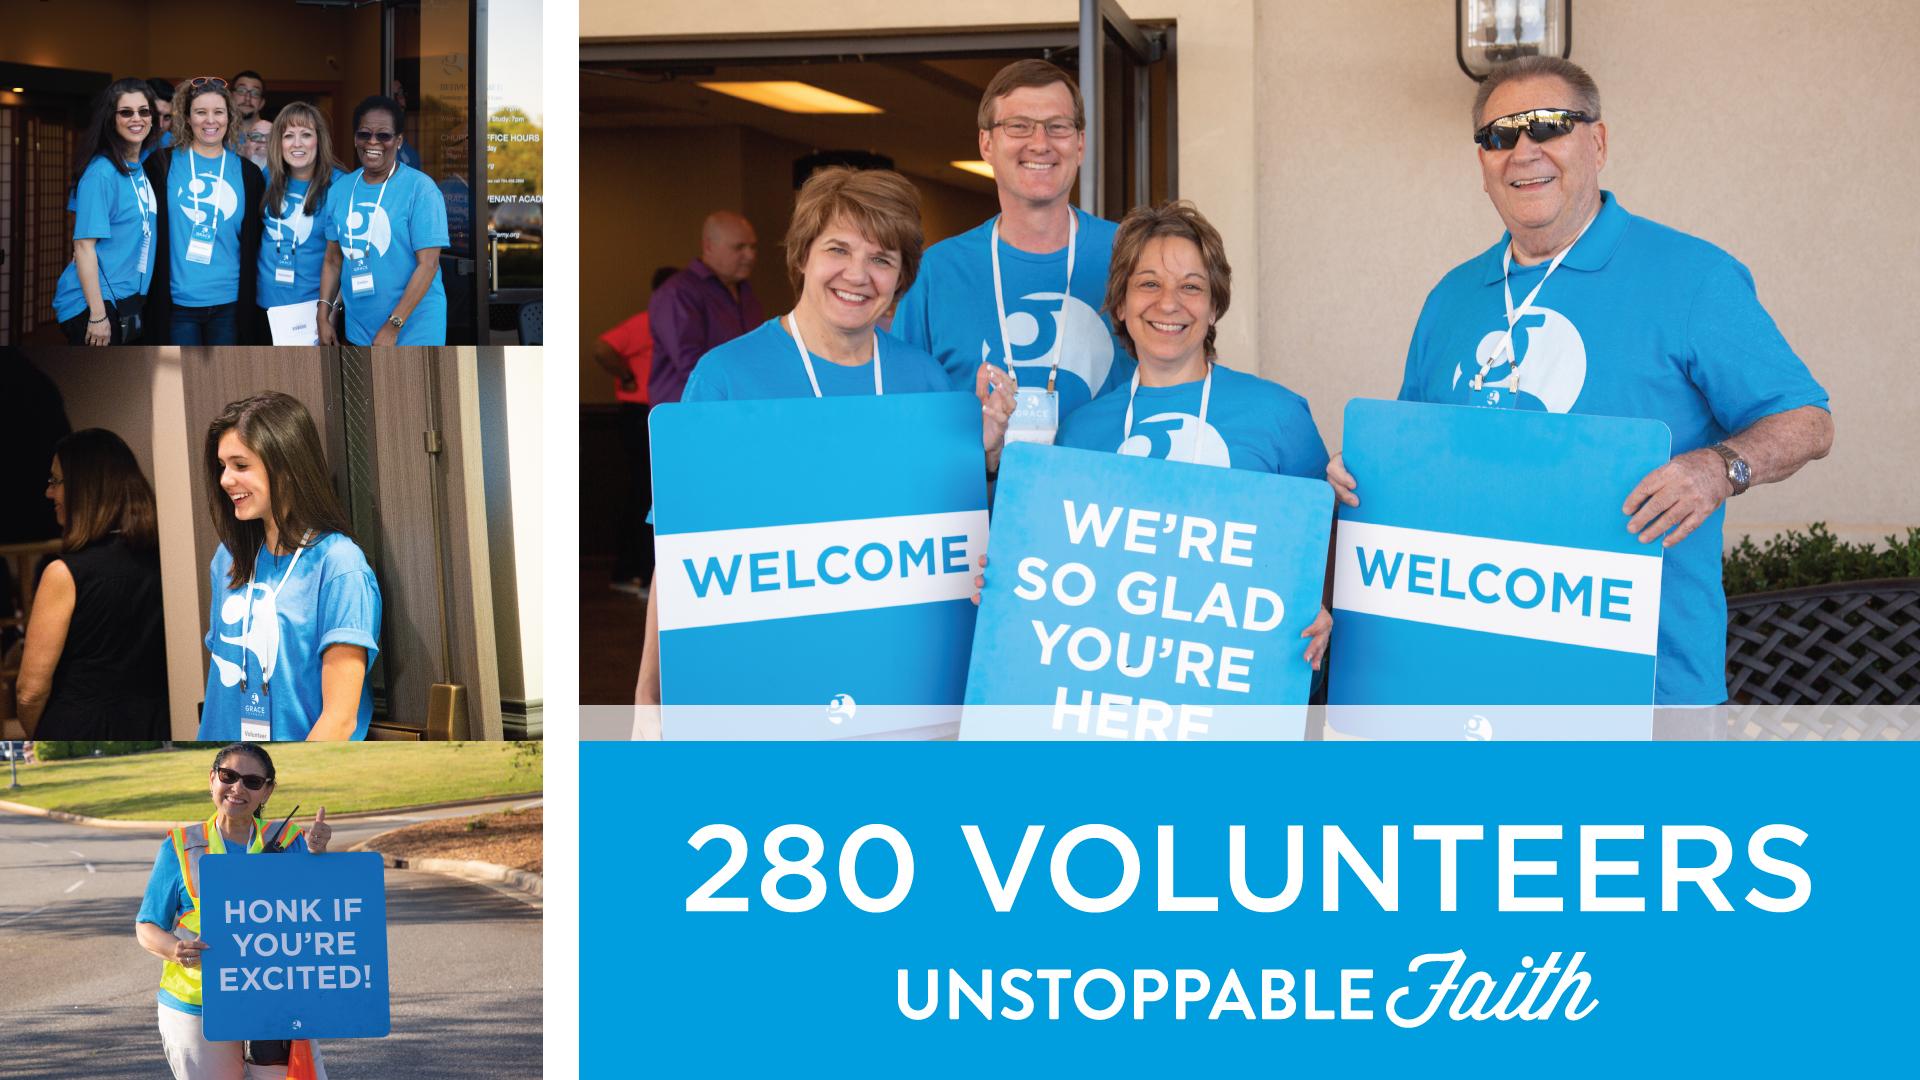 UF_Volunteers_Title.jpg